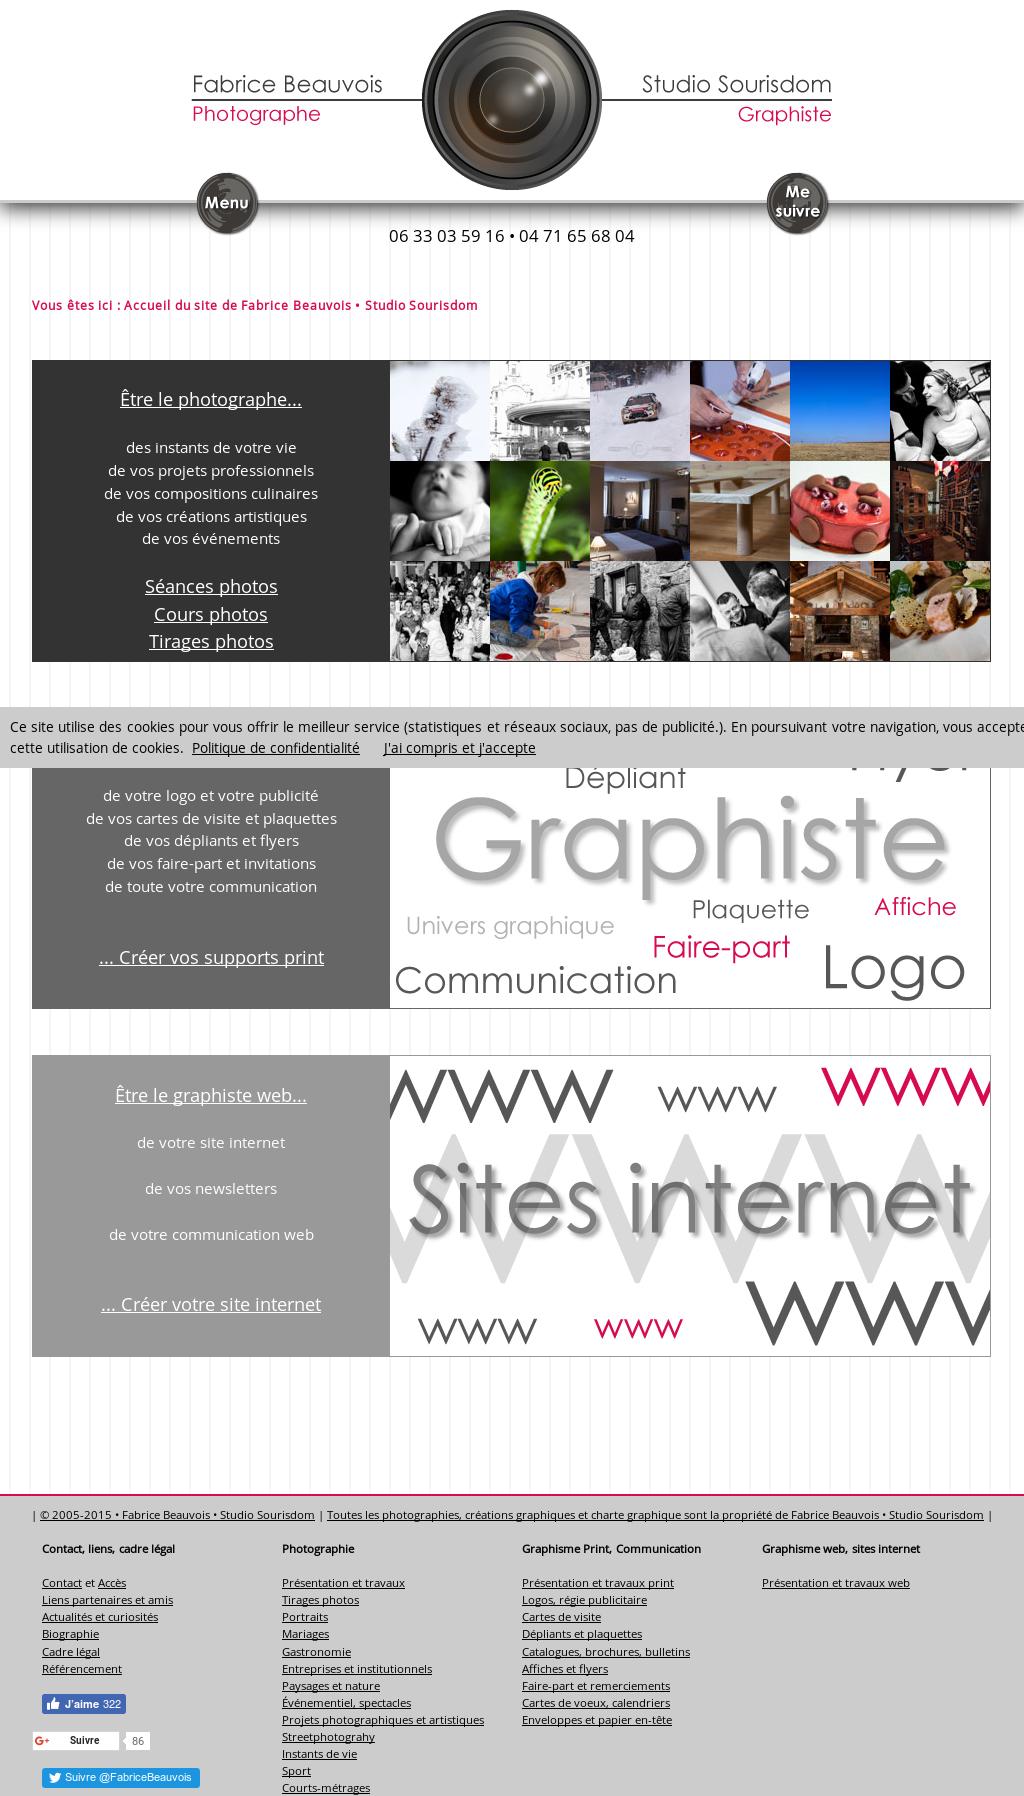 Meilleur Site Pour Photographe fabrice beauvois, studio sourisdom : photographe et